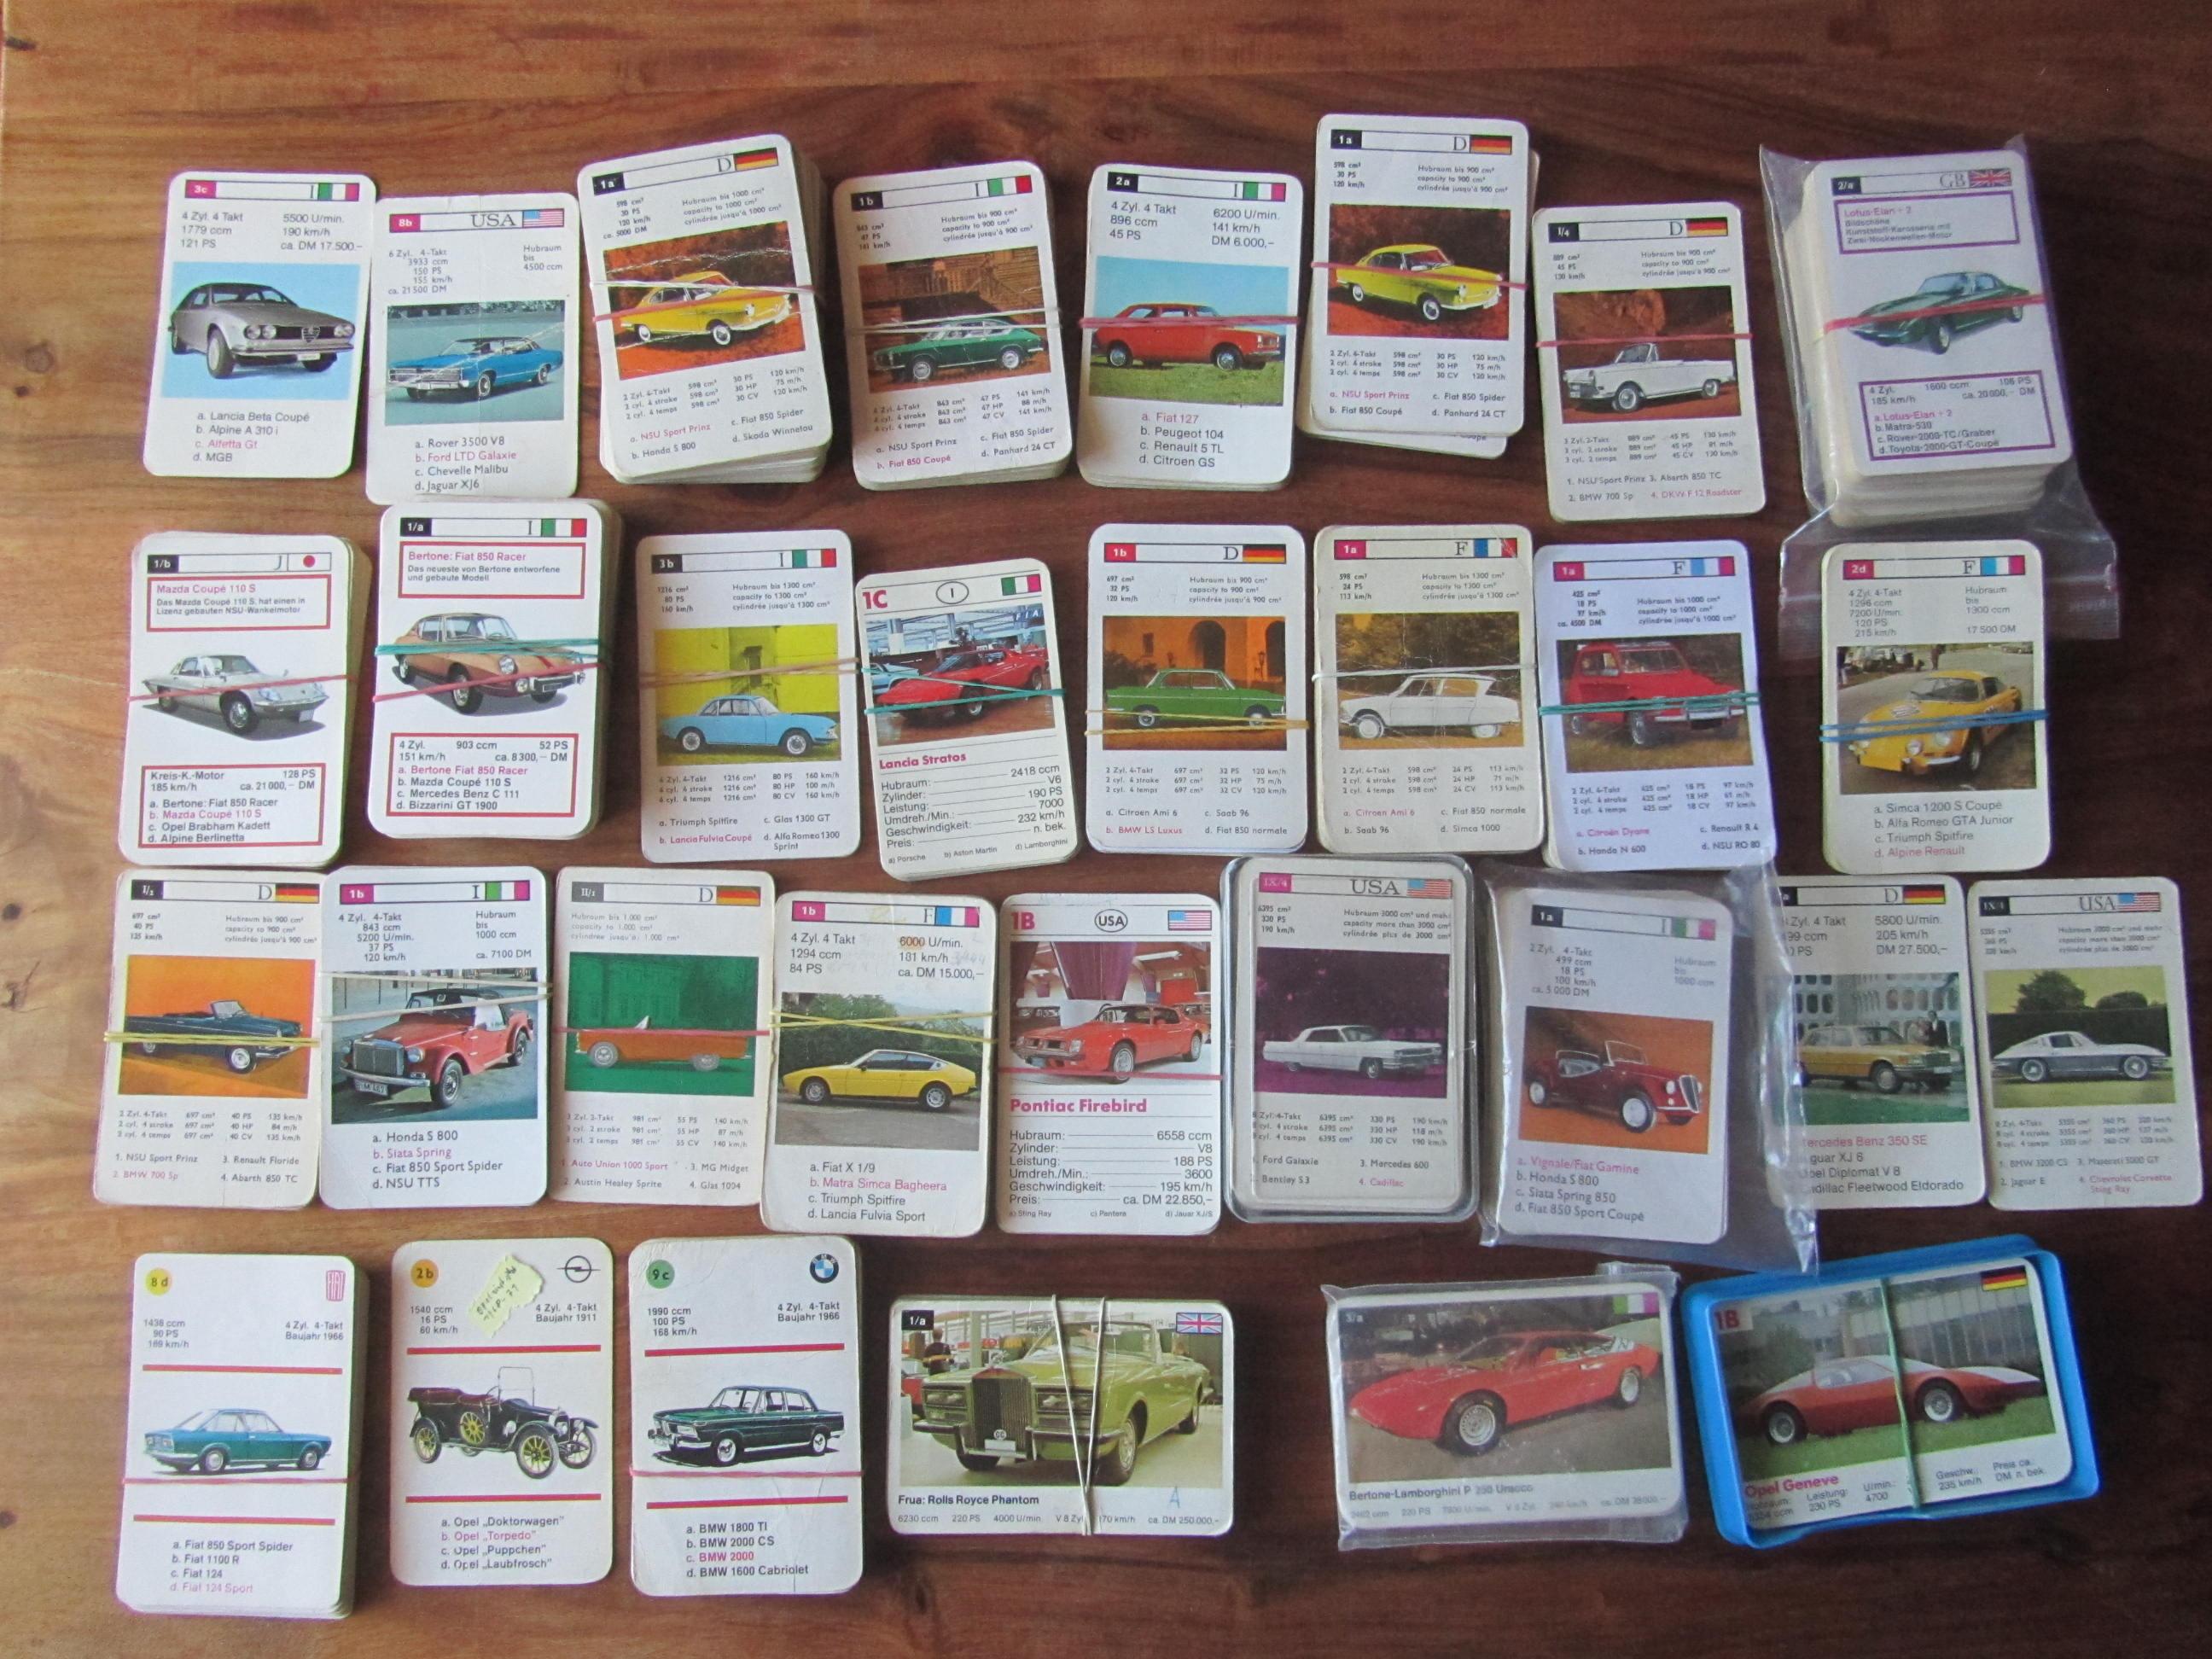 FX Schmid Einzelkarten-Service Autoquartett-Karten von Autos, Sportwagen, Superautos, Fiat einst-jetzt, BMW einst-jetzt bei ebay zum Vervollständigen